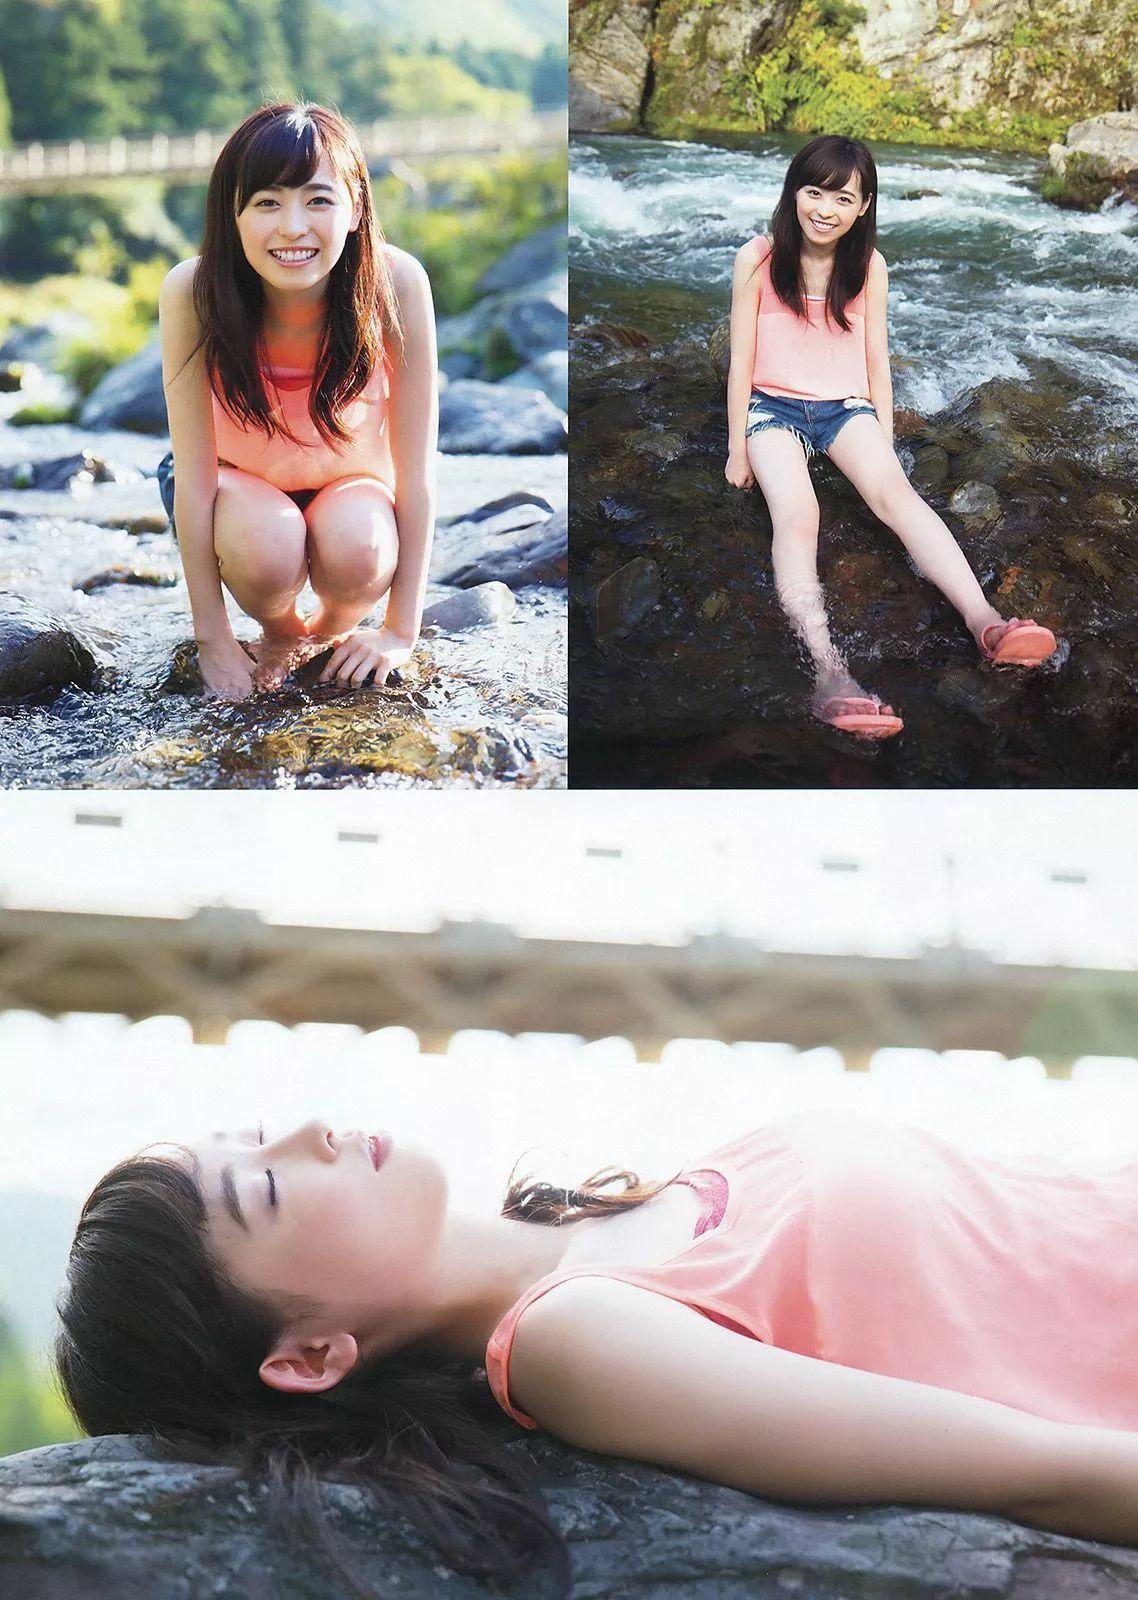 真的是甜到冒泡的美少女福原遥写真作品 (6)